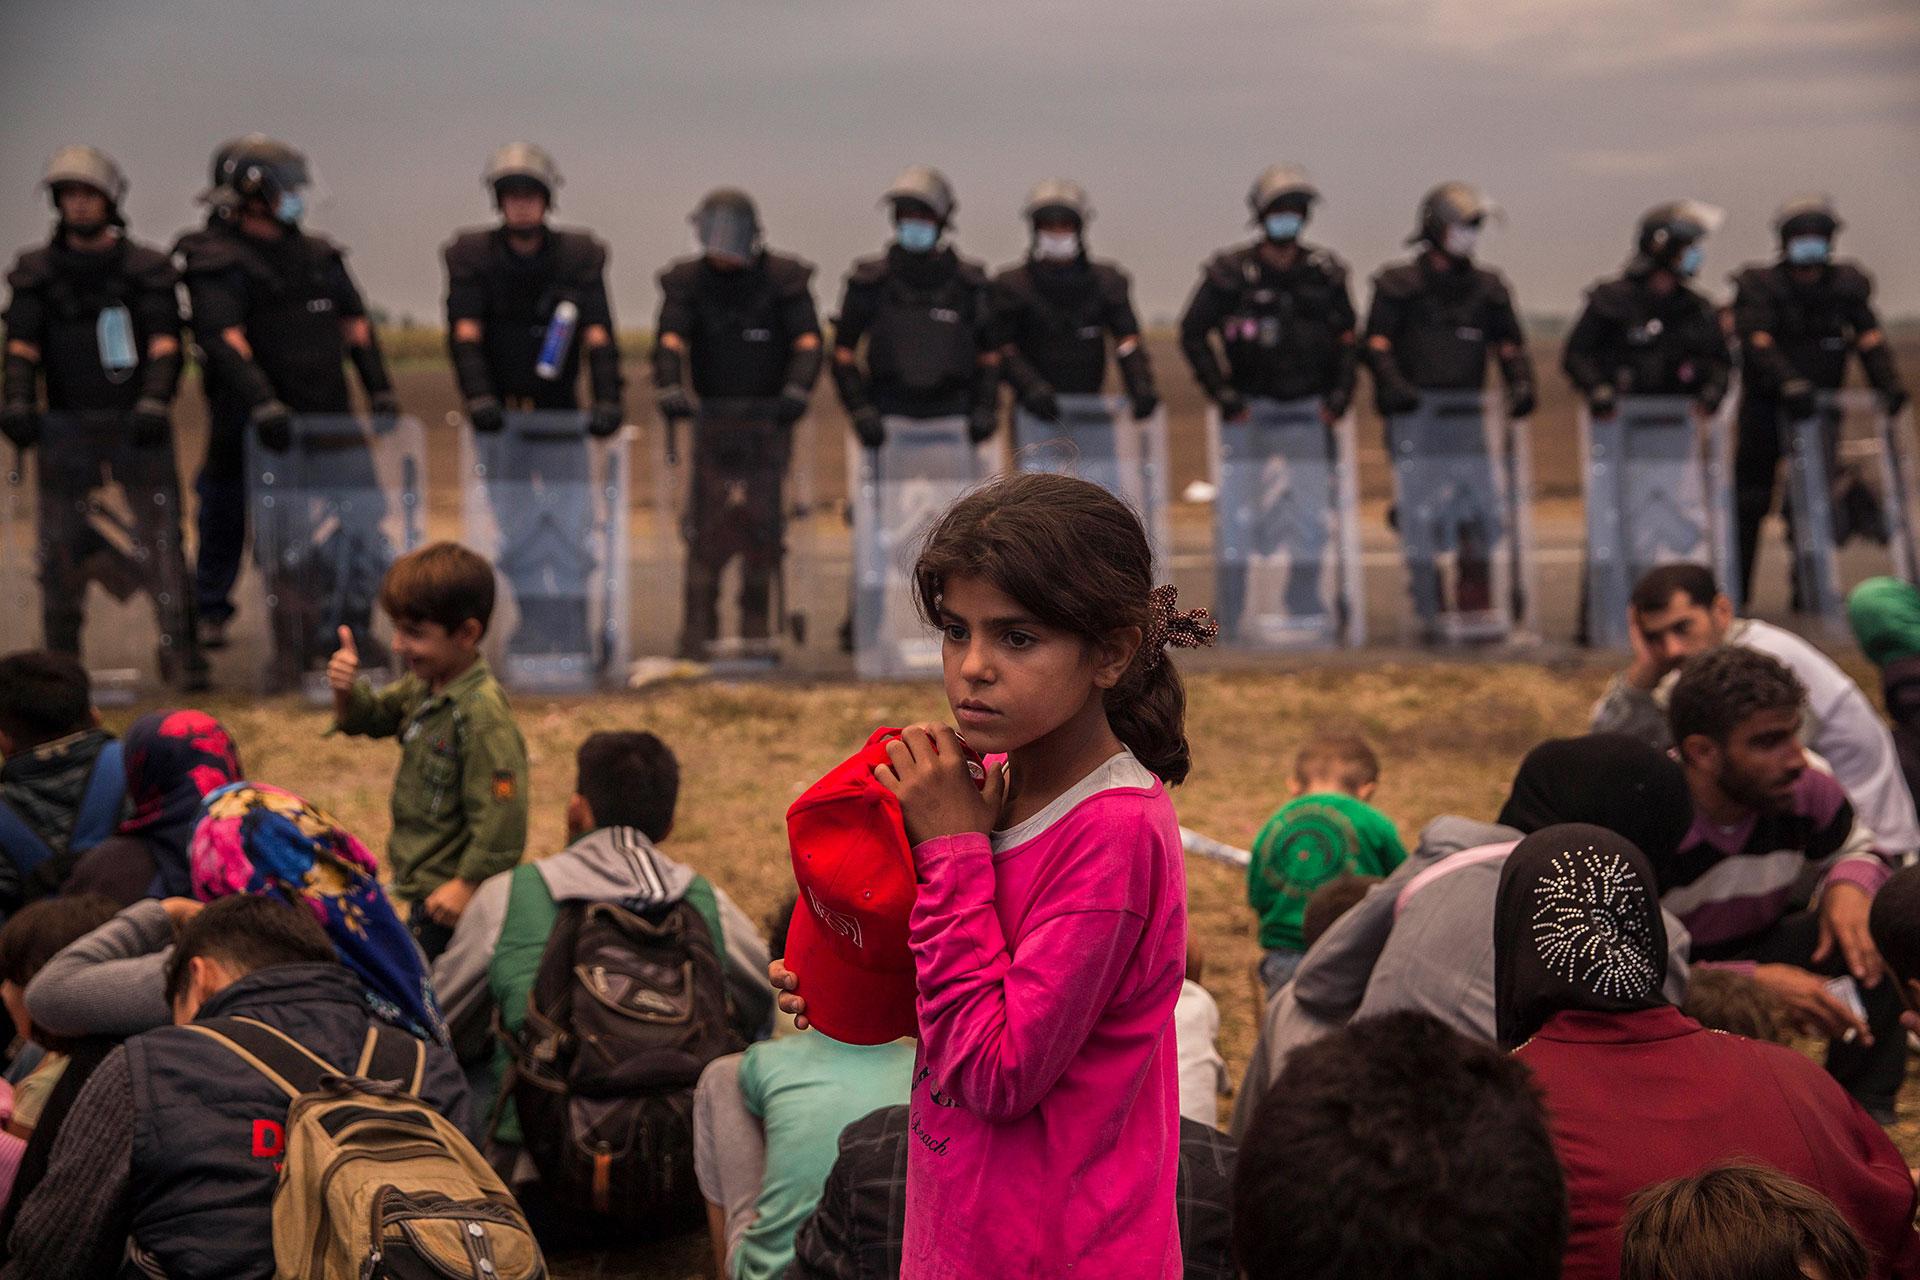 Una niña espera a ser trasladada a un campo de refugiados y refugiadas, junto a cientos de personas en el punto de recepción de Roszke, fronterizo con Serbia. (Roszke. Hungría. 05/09/2015).